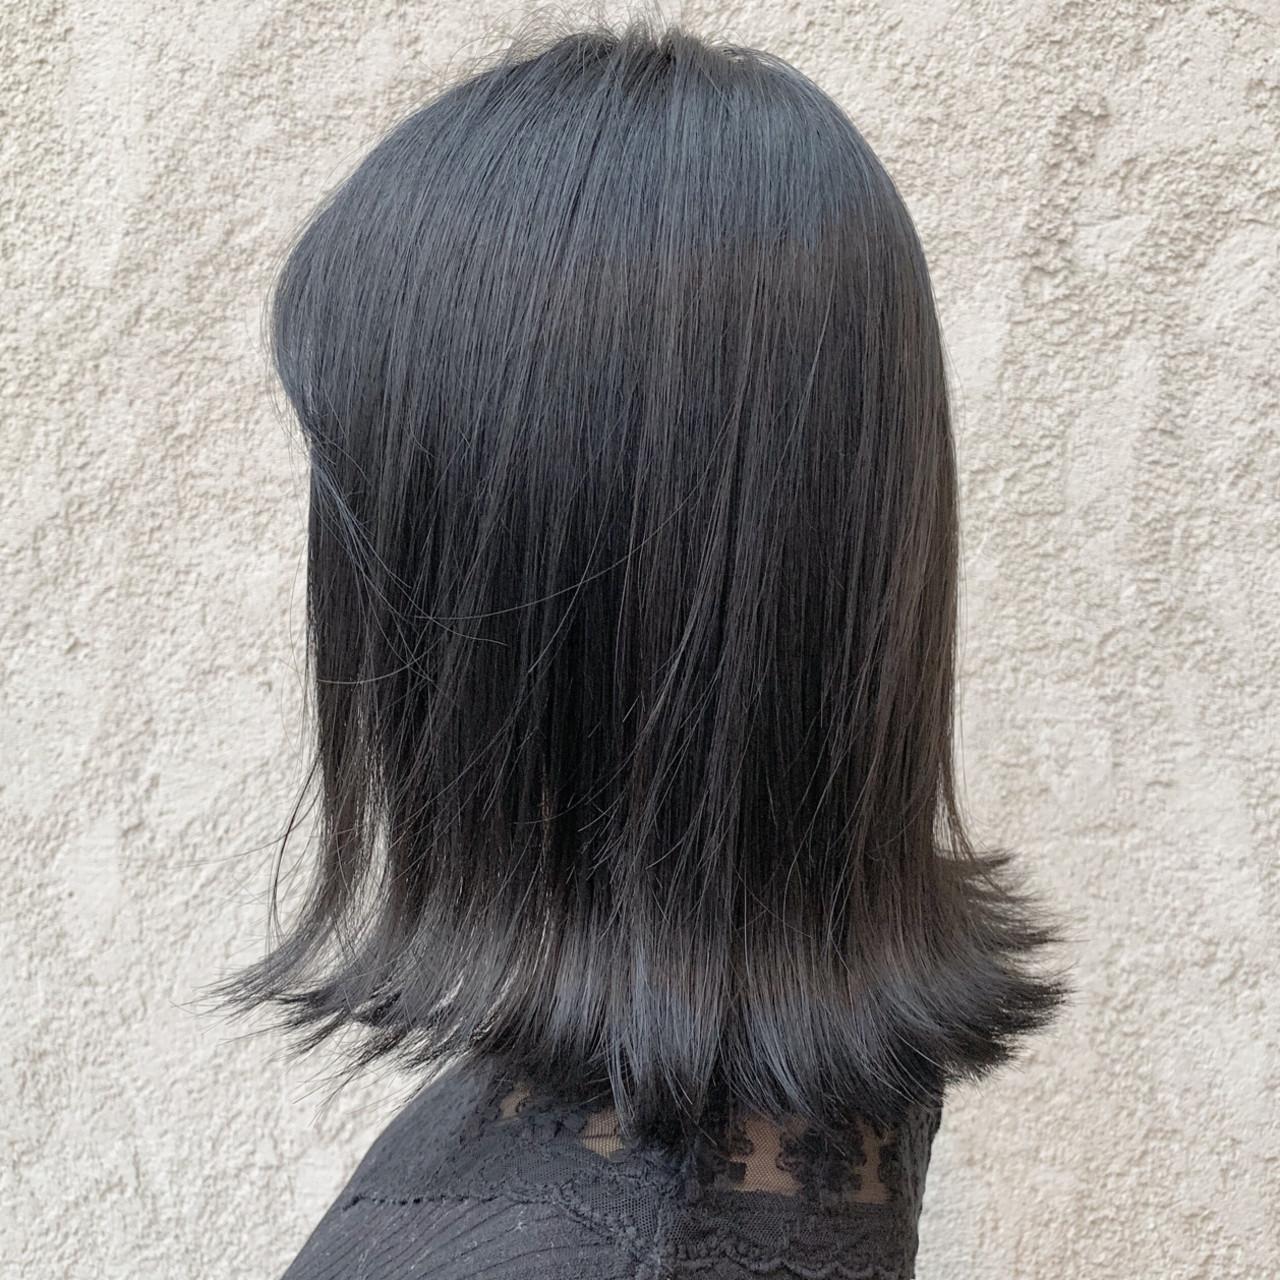 黒髪 グレージュ ダークカラー 透明感カラー ヘアスタイルや髪型の写真・画像